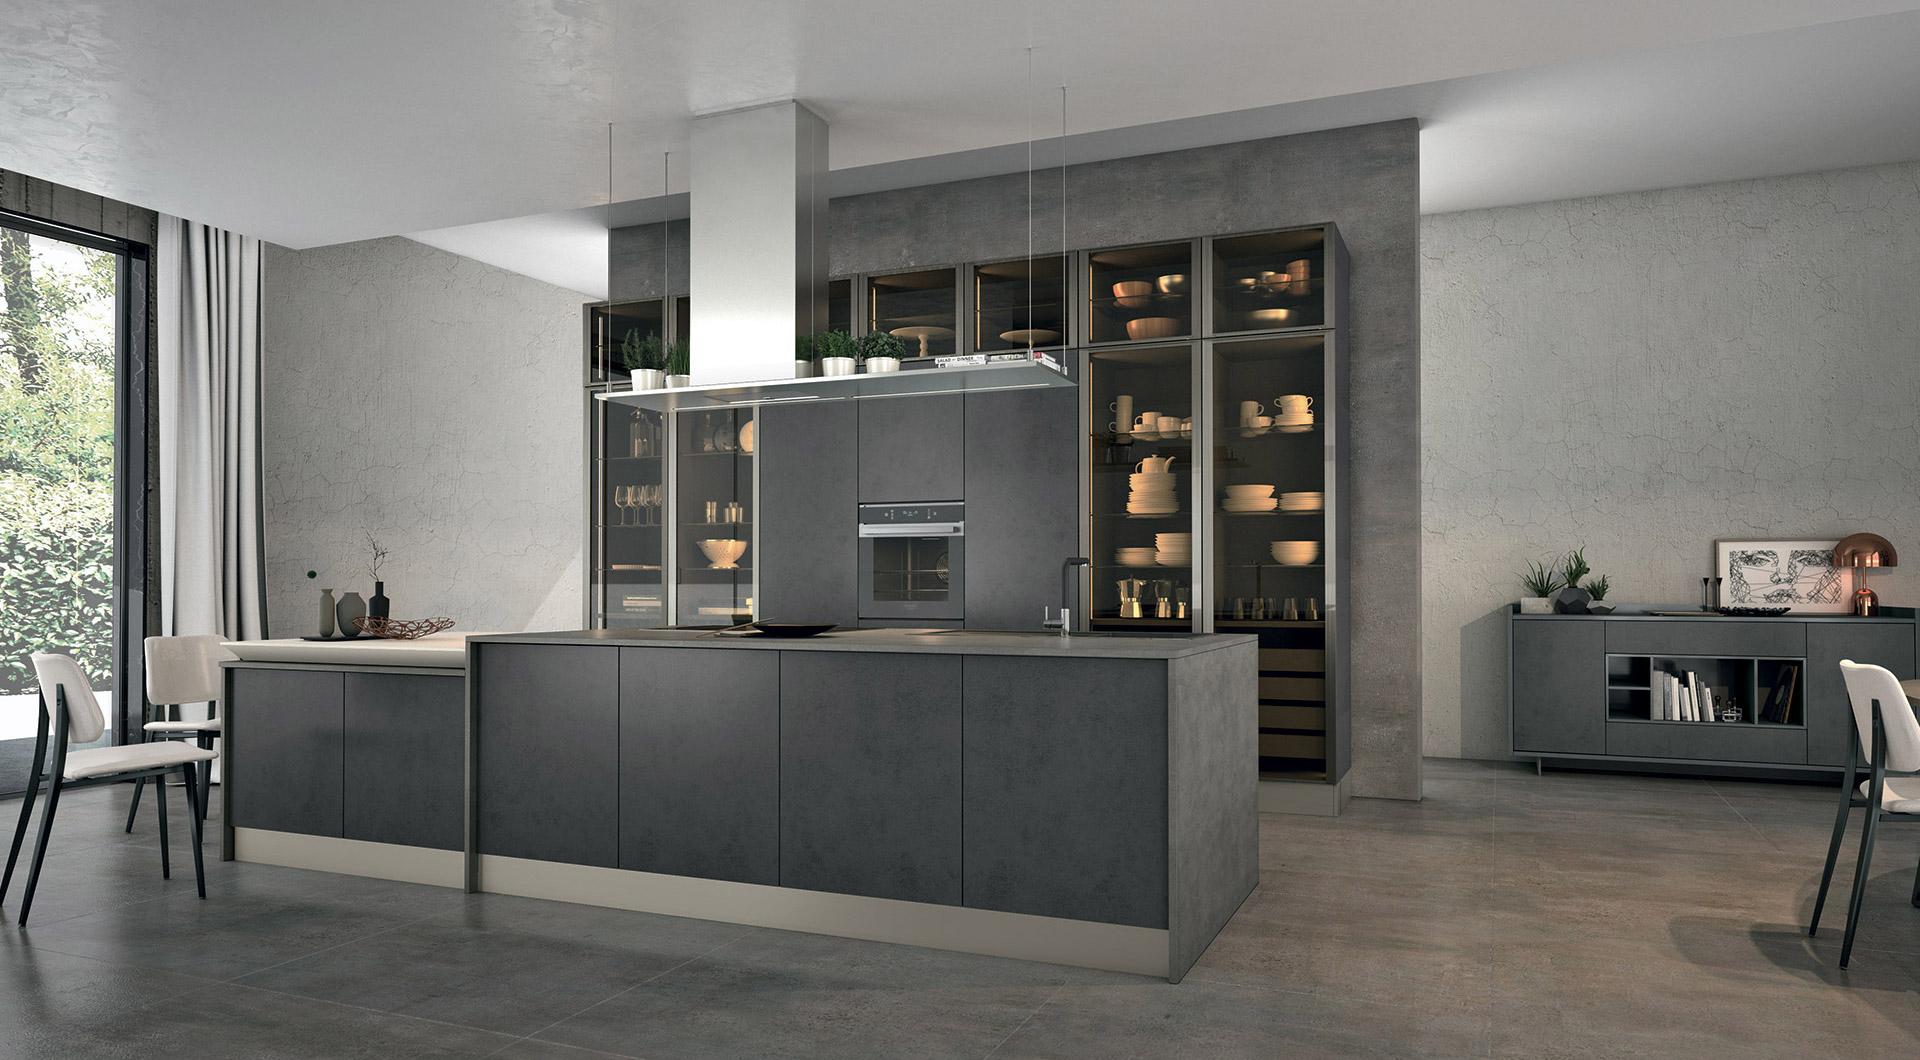 Cucine Nel Sottoscala - Home interior idee di design tendenze e ...